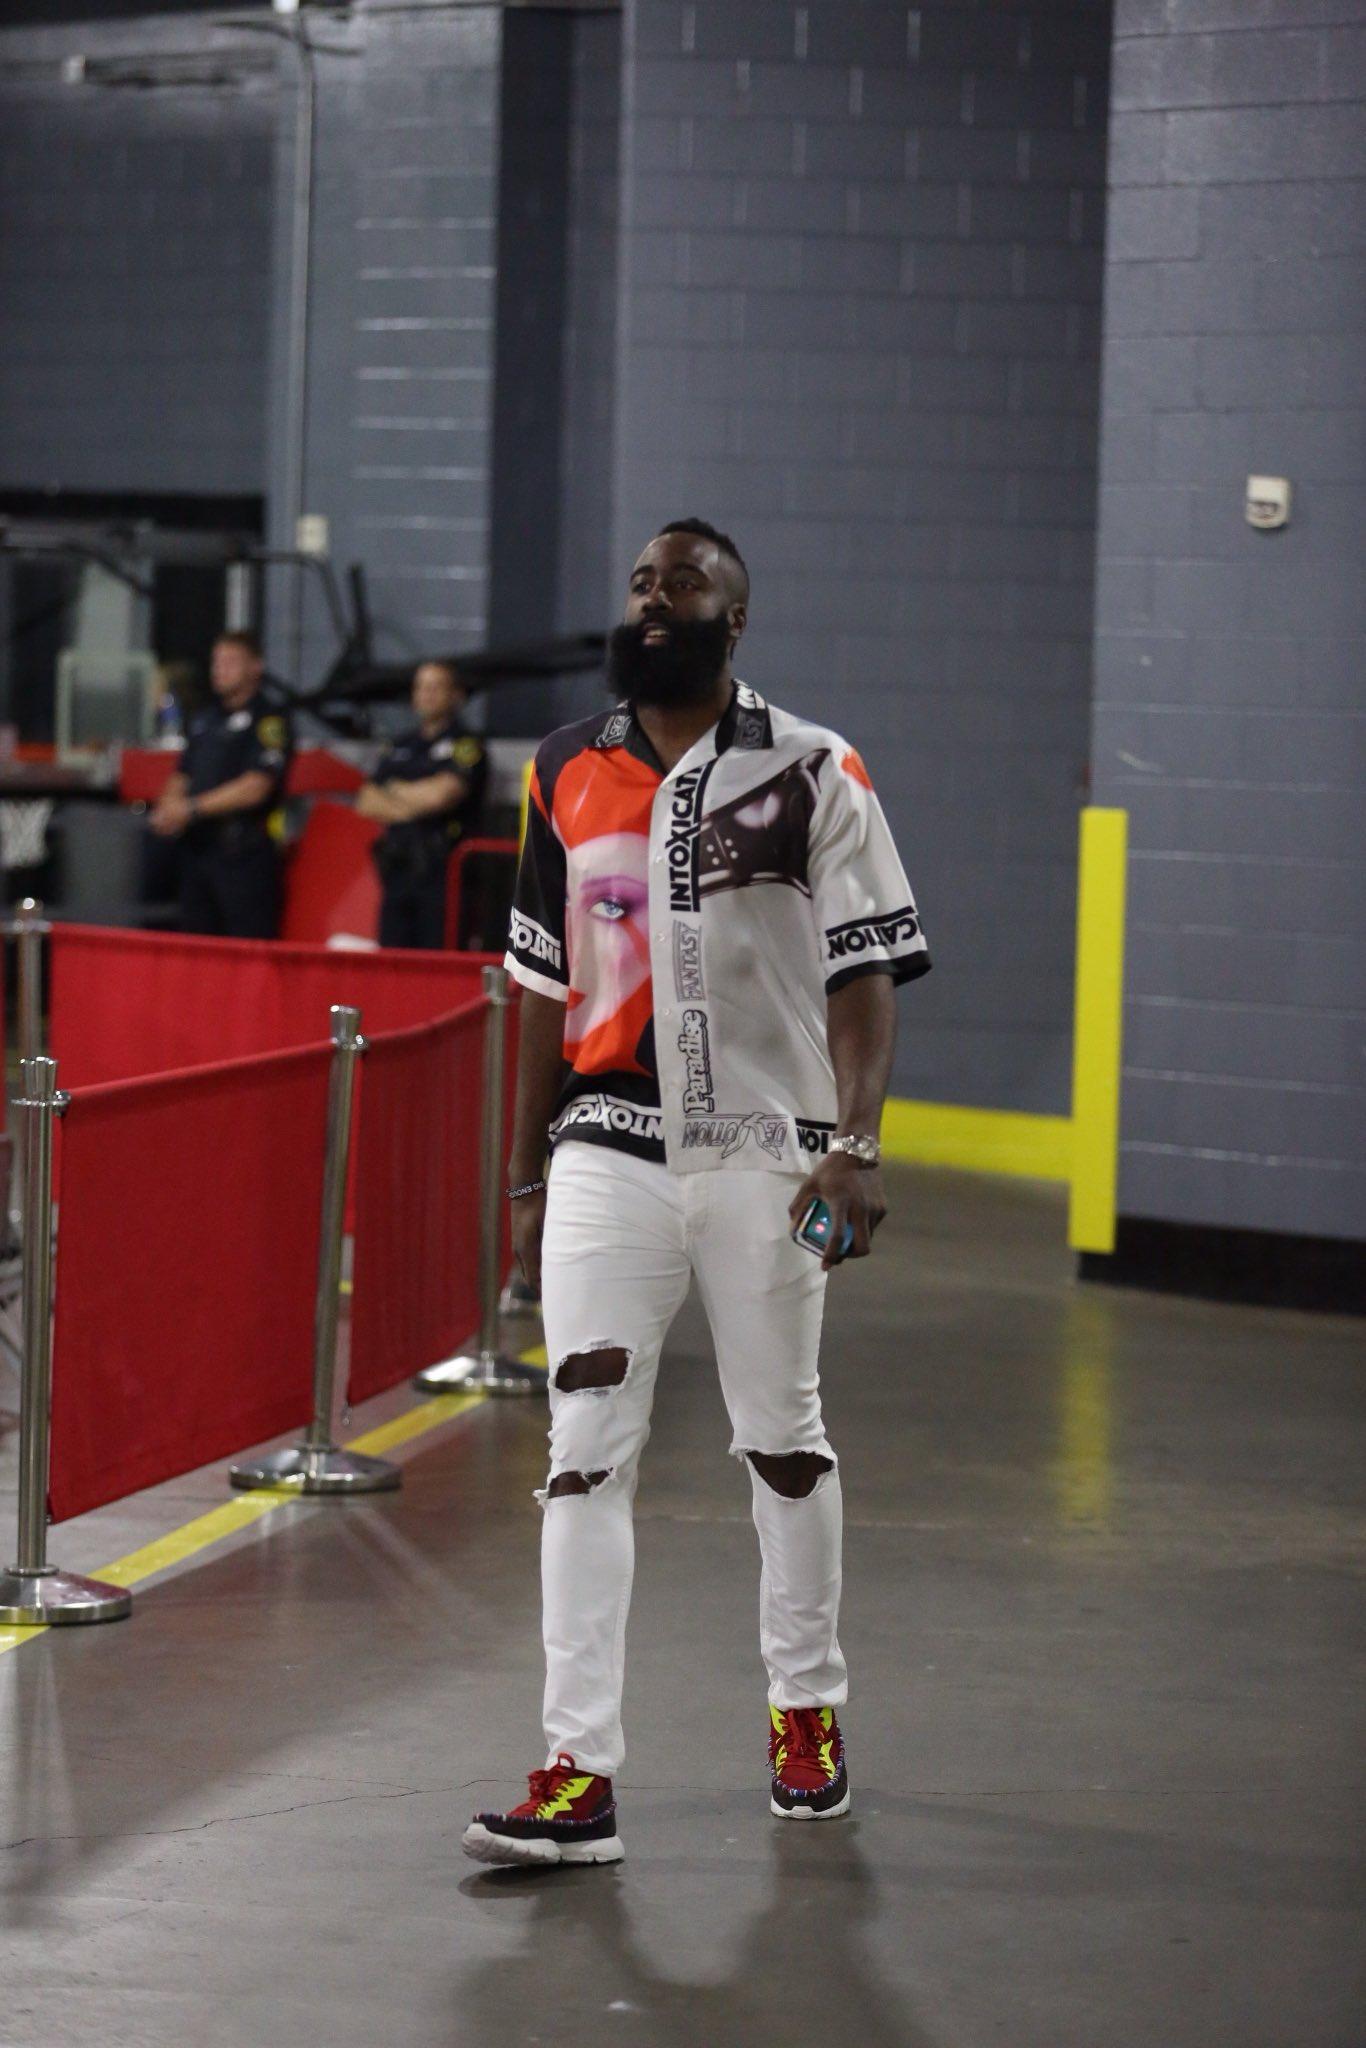 The Beard has arrived for Game 1 https://t.co/ZauNPkFSgr